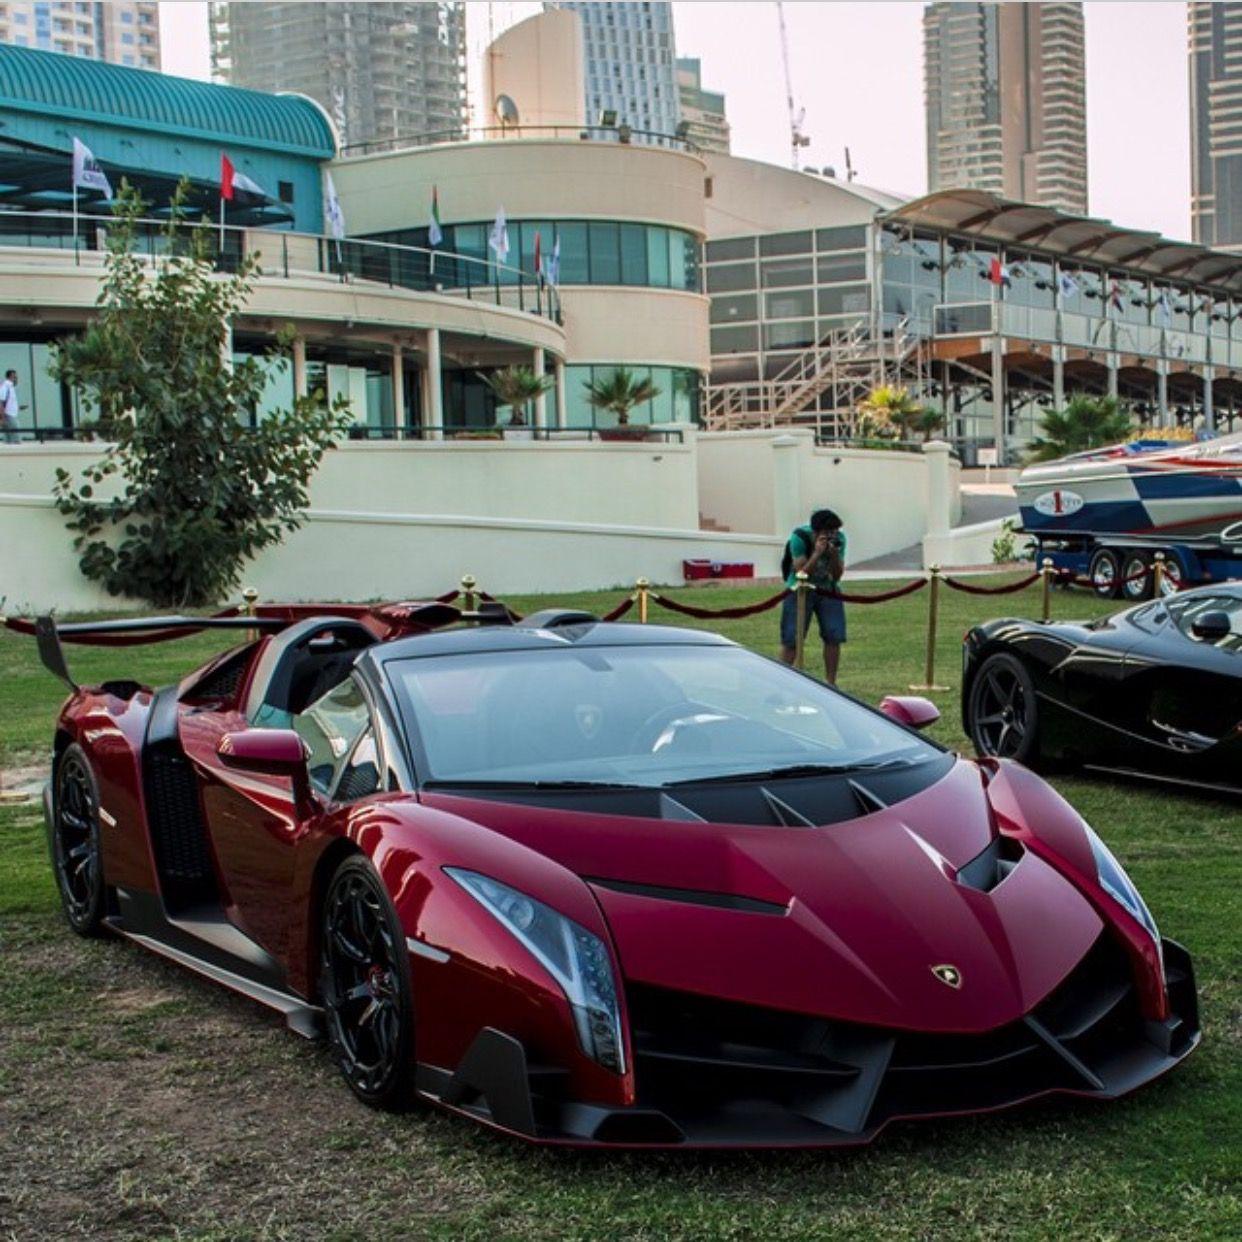 Lamborghini Veneno Painted In Rosso Veneno Photo Taken By